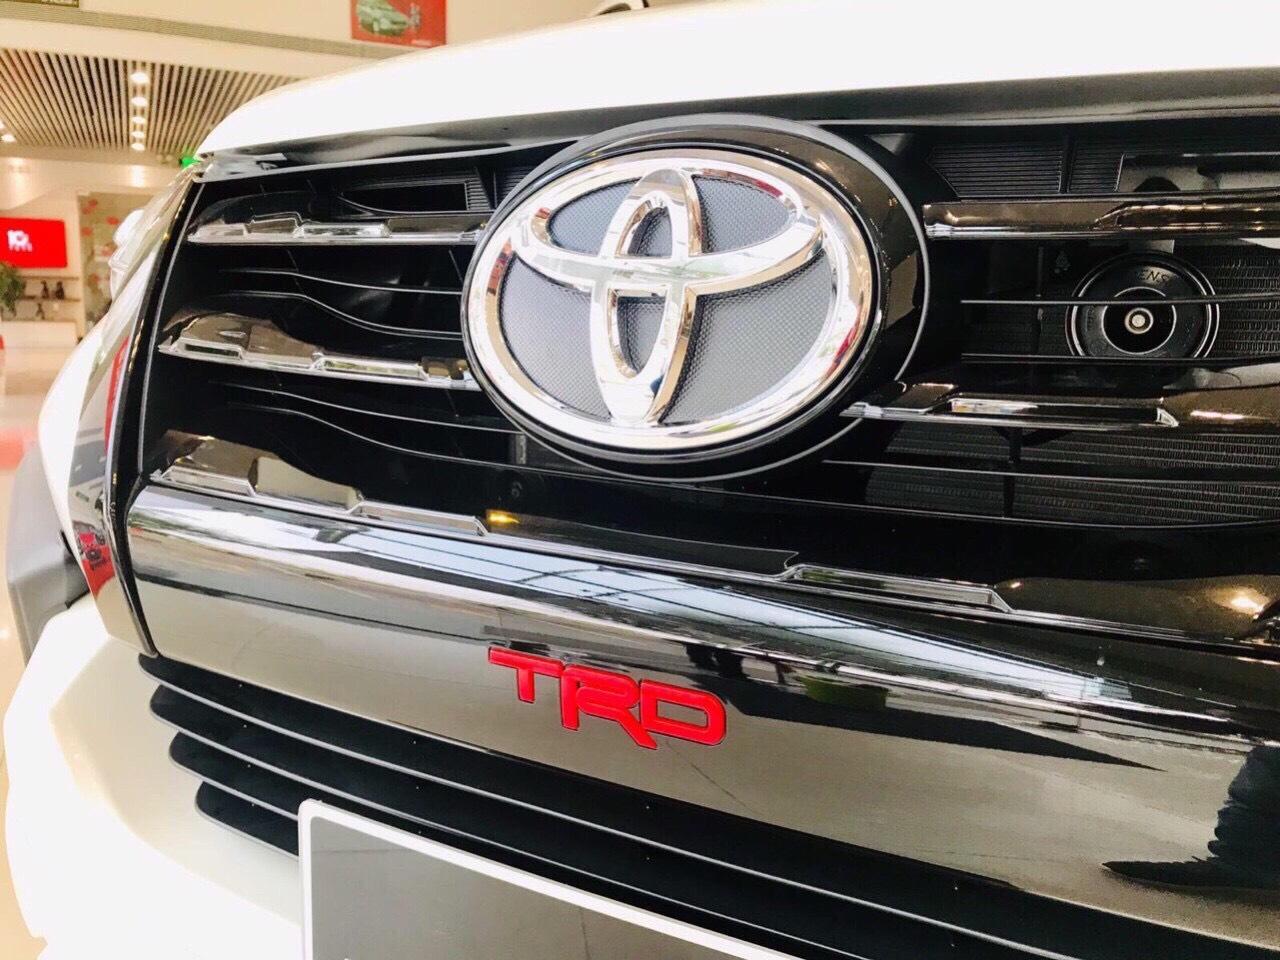 Xe Toyota Fortuner TRD 2019 tai muaxegiabeo 6 - Fortuner TRD [hienthinam]: giá xe và khuyến mãi mới